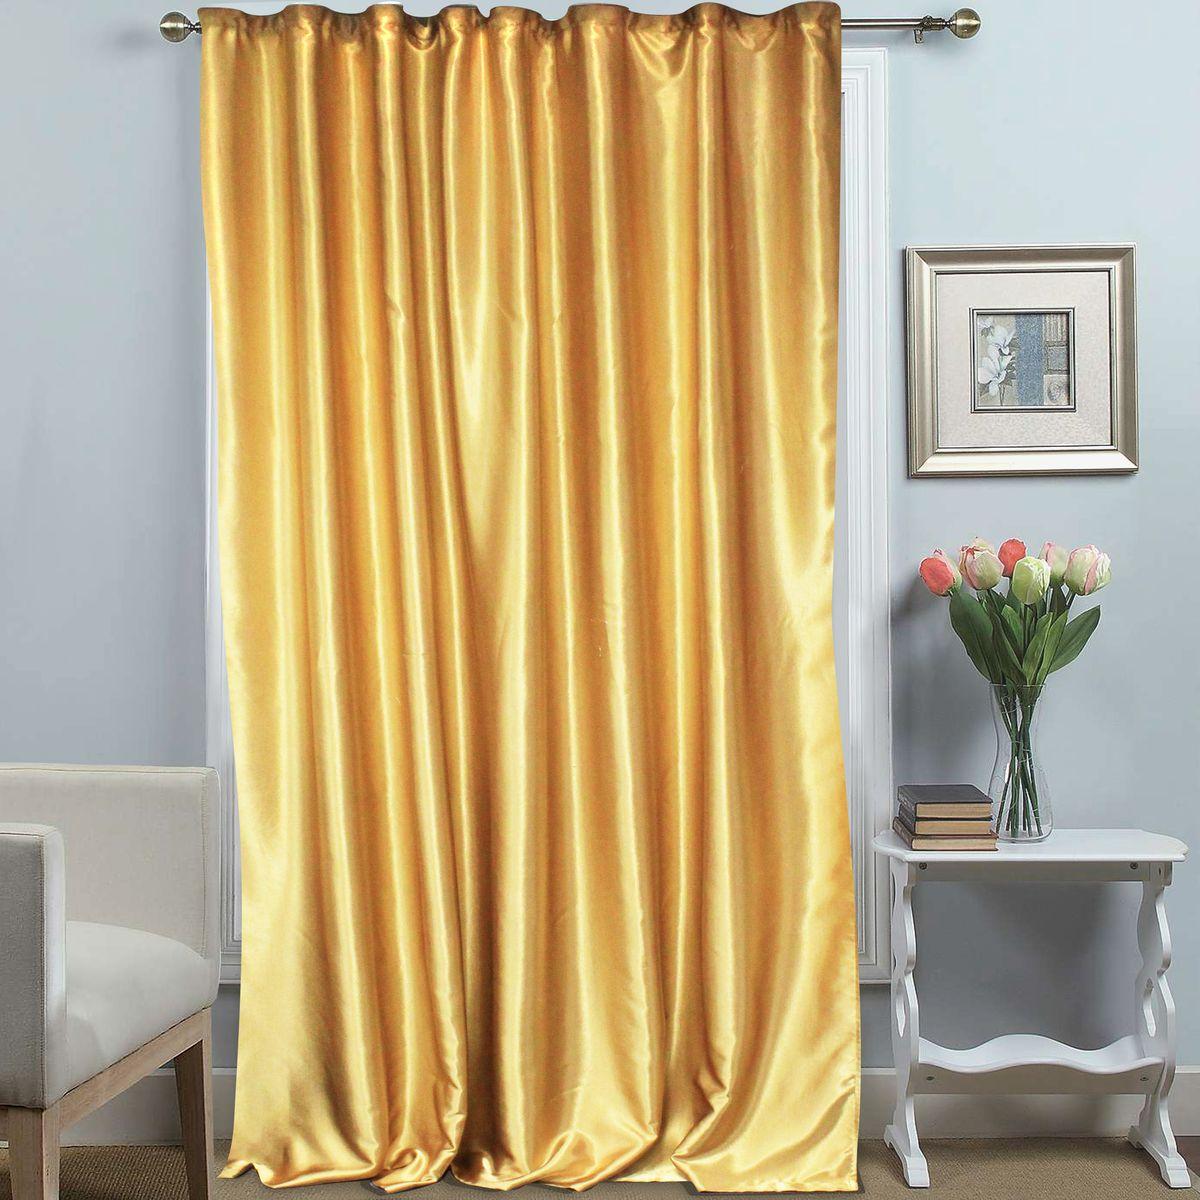 Штора Amore Mio, на ленте, цвет: золото, высота 270 см. 69715956251325Однотонная штора на ленте Amore Mio с золотым теплым блеском украсит любое окно. Изделие изготовлено из 100% полиэстера. Полиэстер - вид ткани, состоящий из полиэфирных волокон. Ткани из полиэстера легкие, прочные и износостойкие. Такие изделия не требуют специального ухода, не пылятся и почти не мнутся.